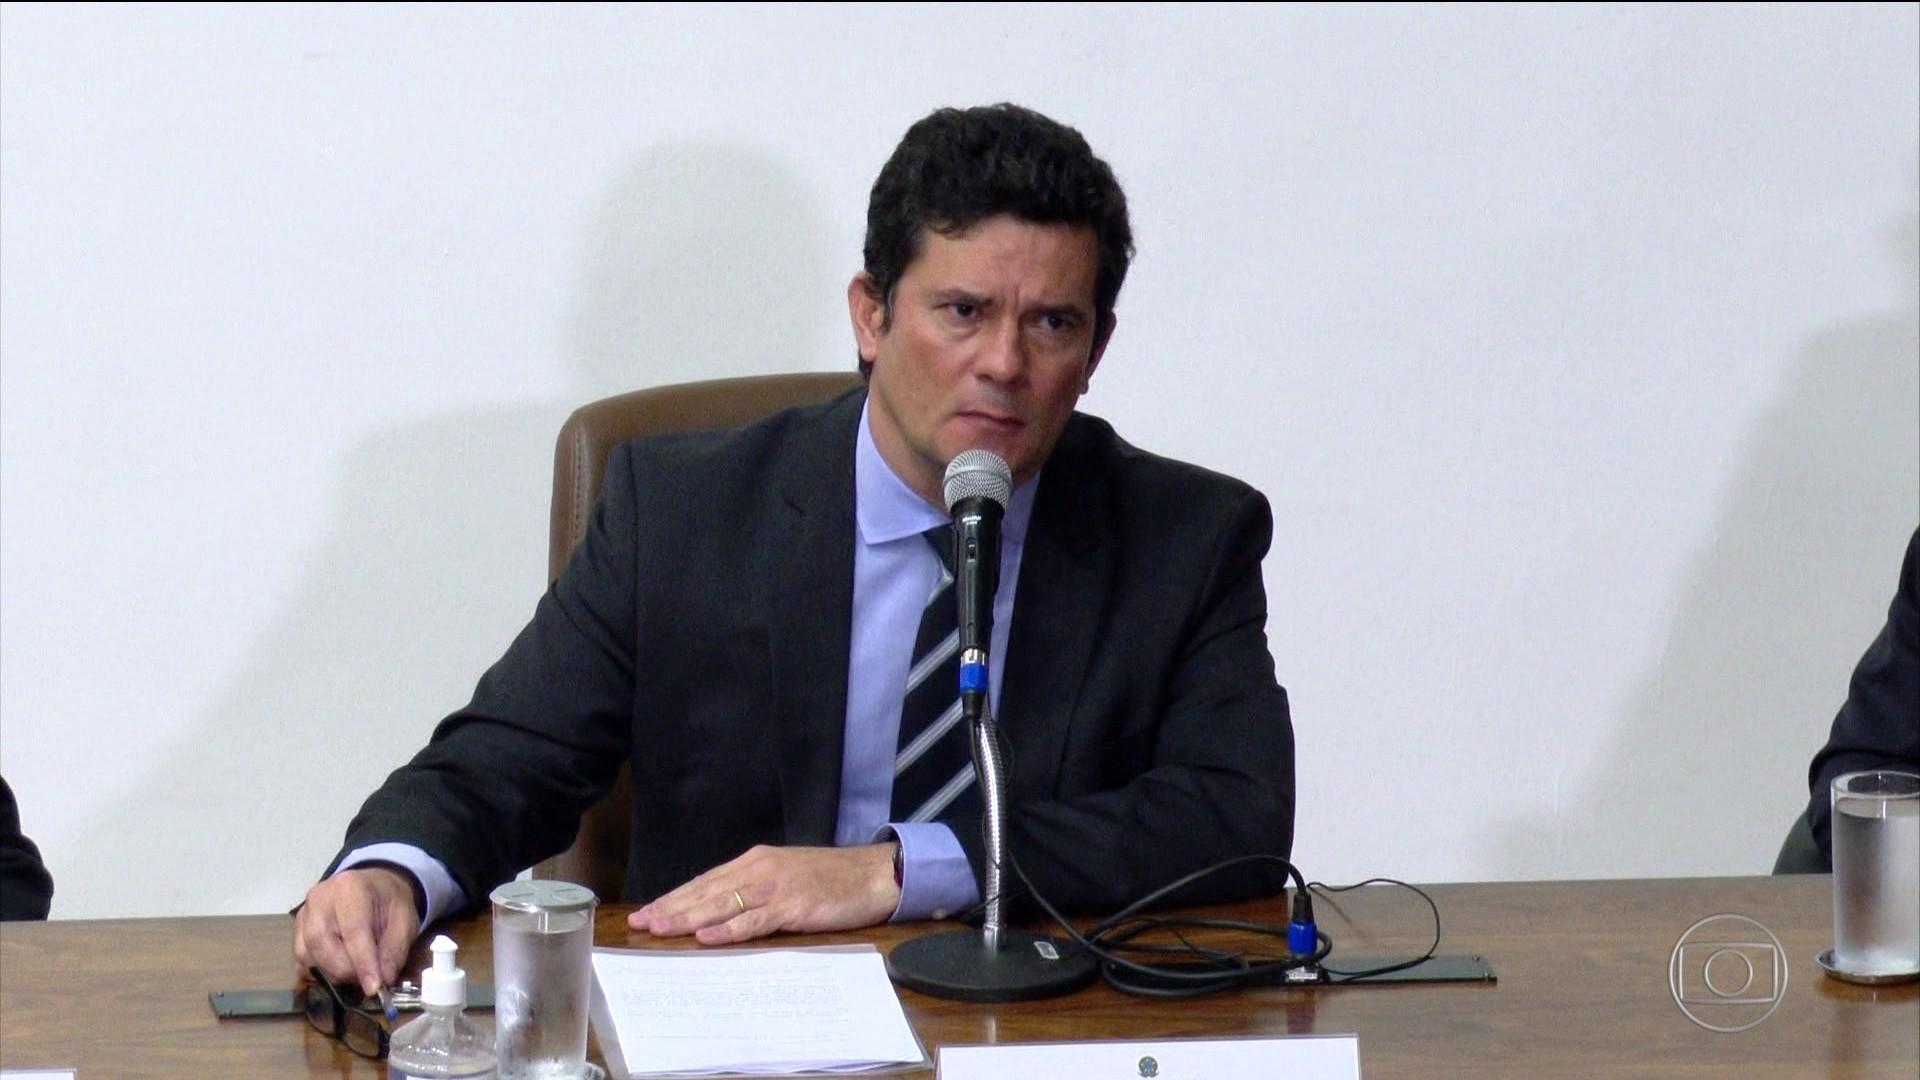 Comissão decide que Moro ainda não pode advogar e receberá salário de ministro por 6 meses